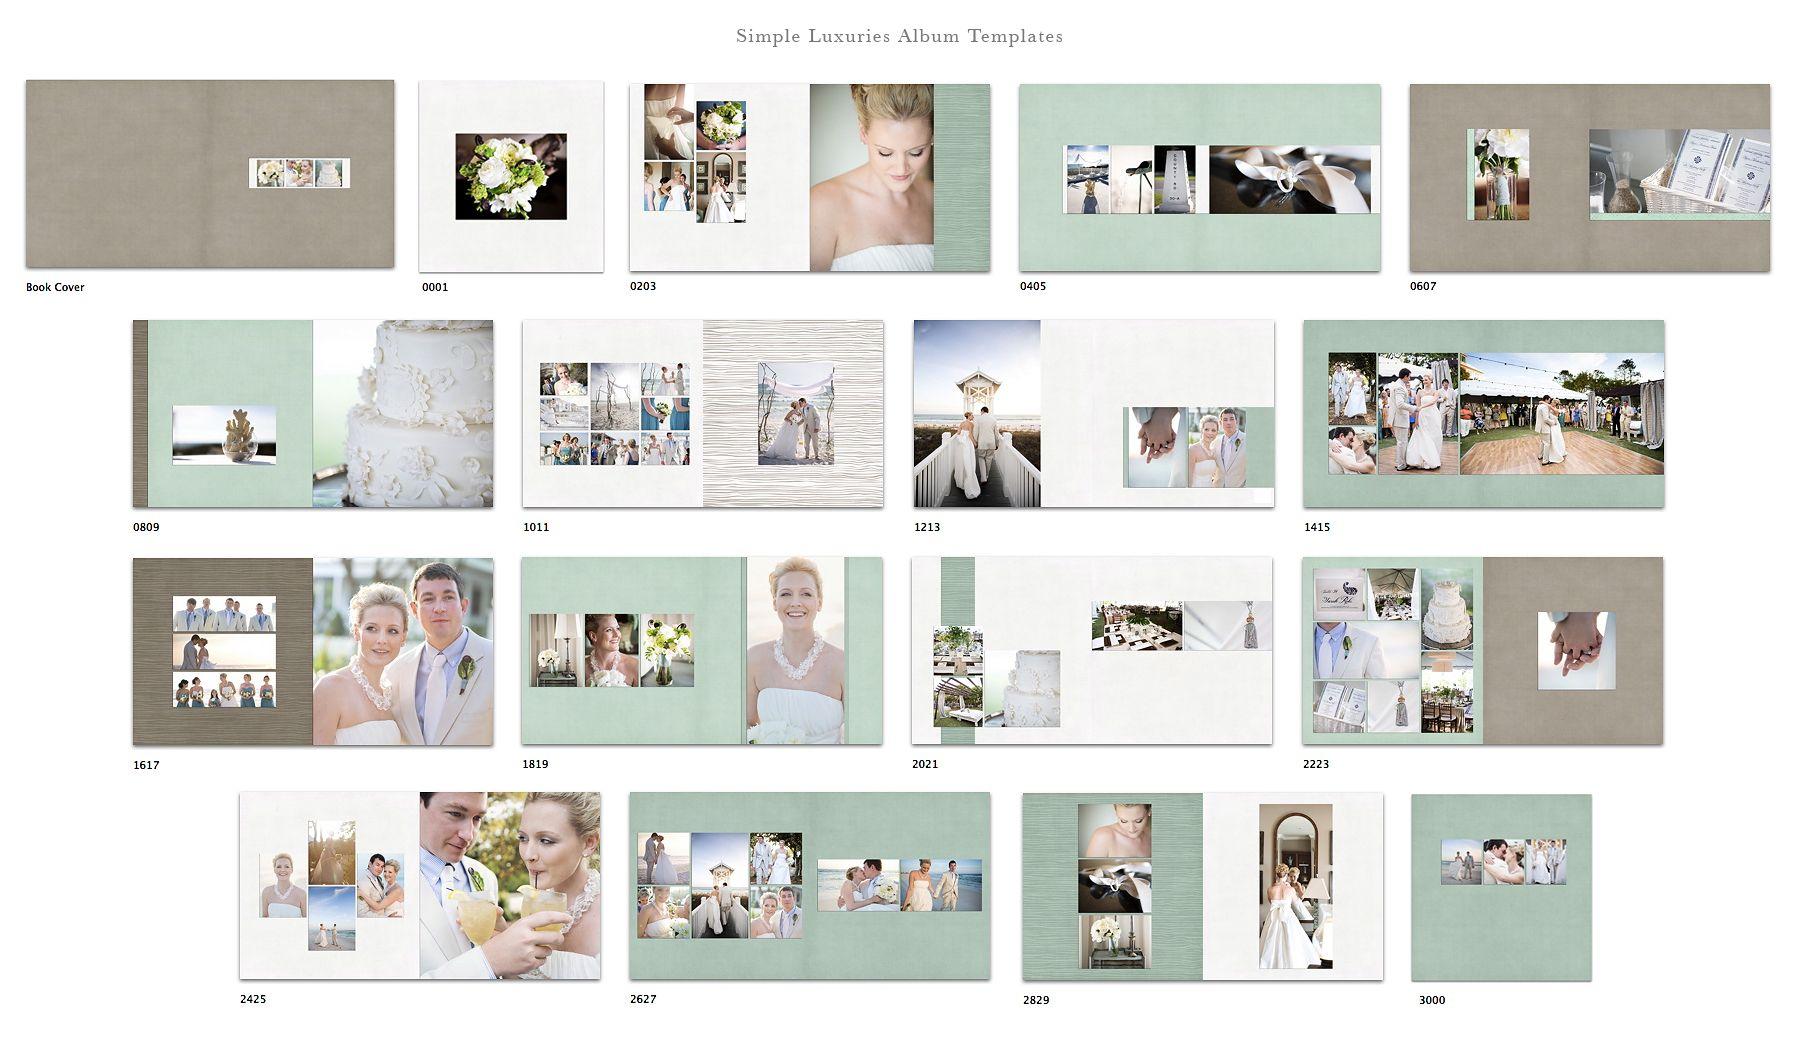 Simple Luxuries Album Templates Wedding Album Layout Photobook Design Wedding Album Design